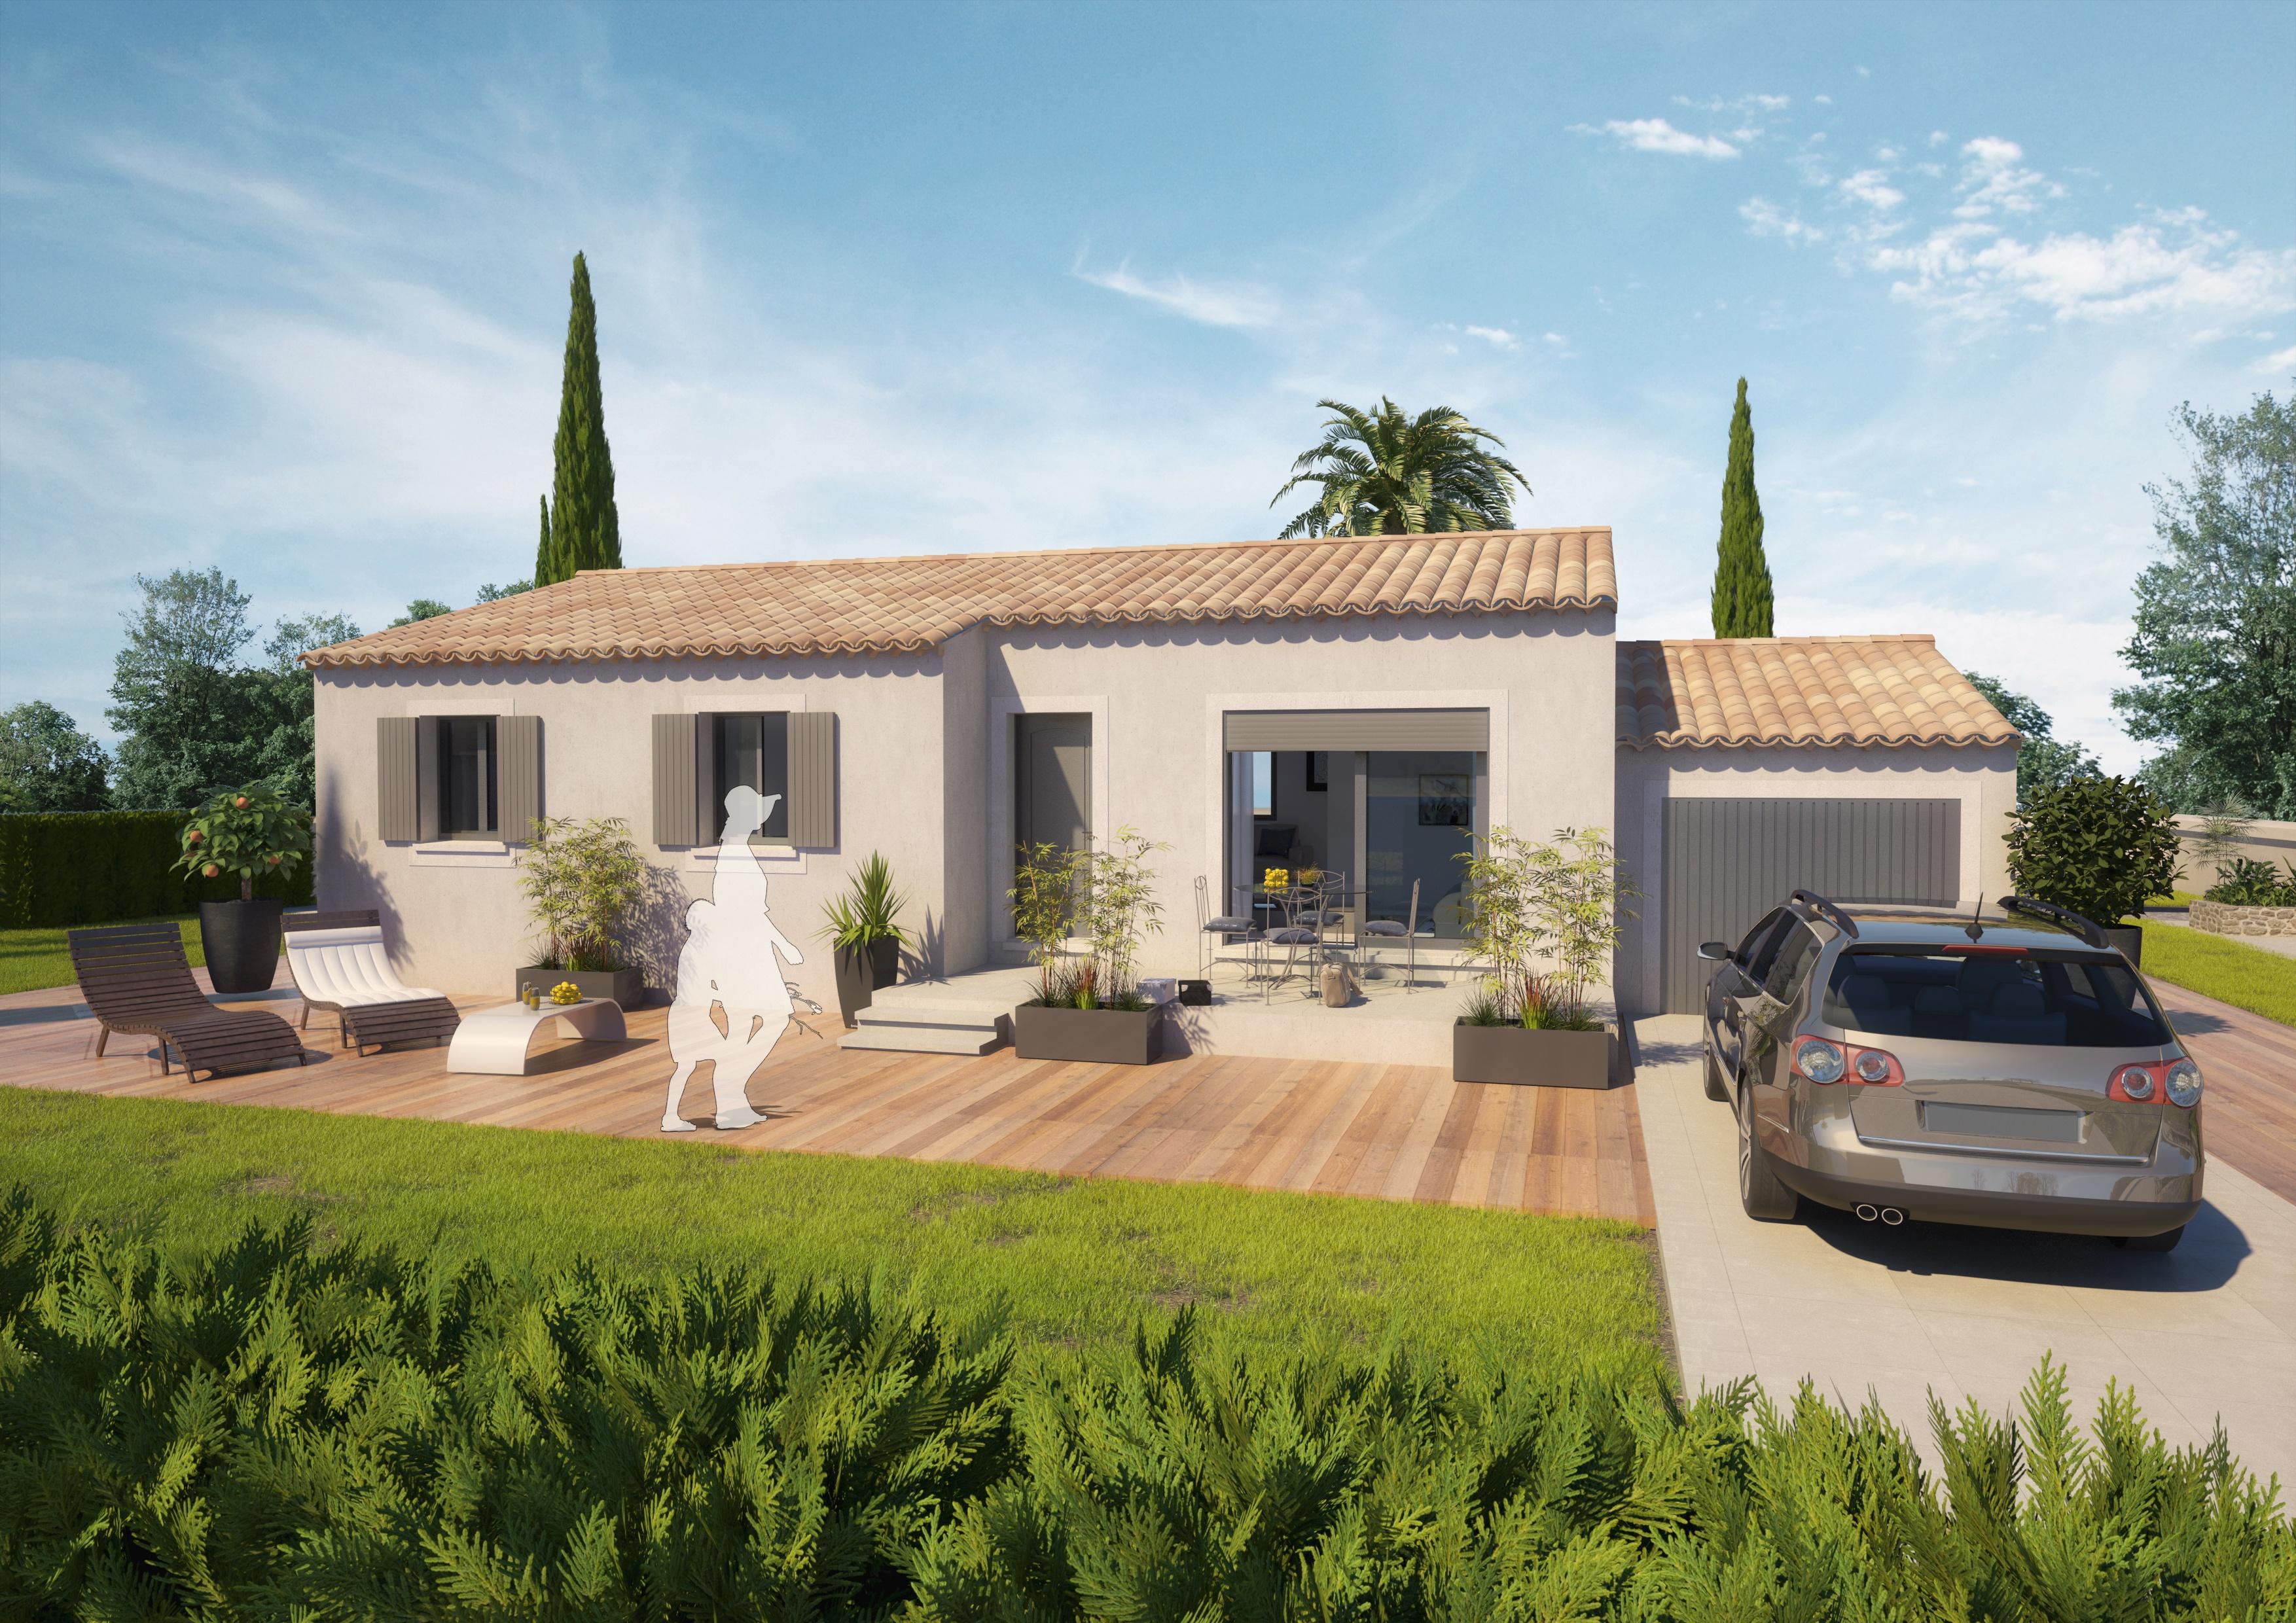 Maisons + Terrains du constructeur ART ET TRADITIONS MEDITERRANEE • 93 m² • PUJAUT